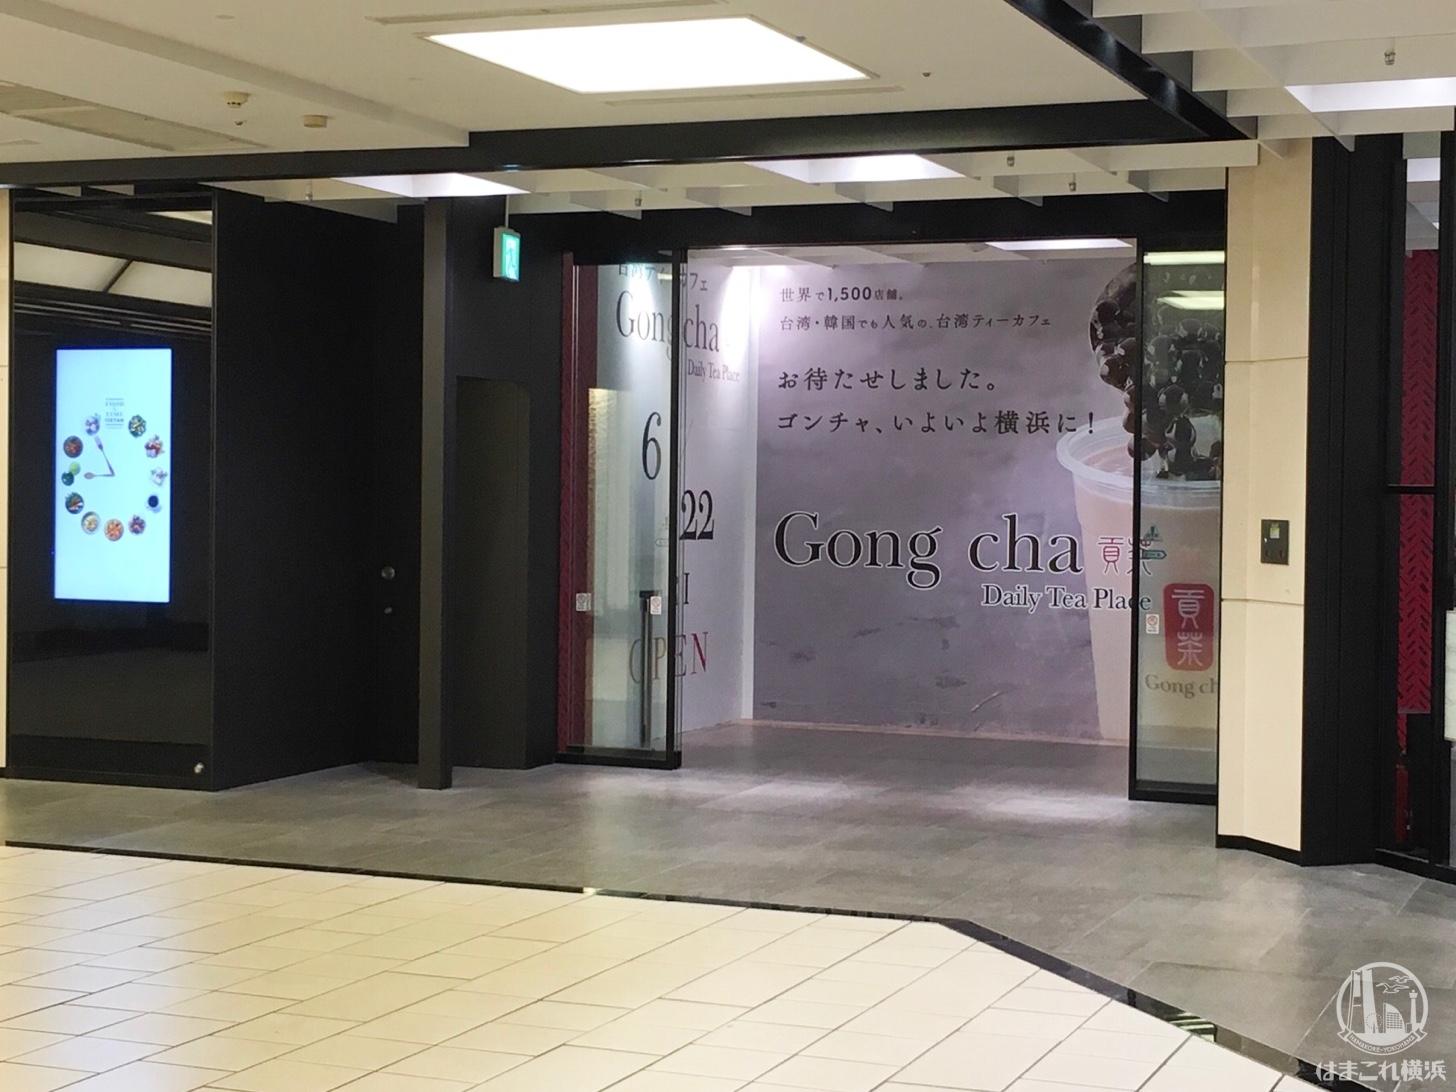 ゴンチャ 横浜駅